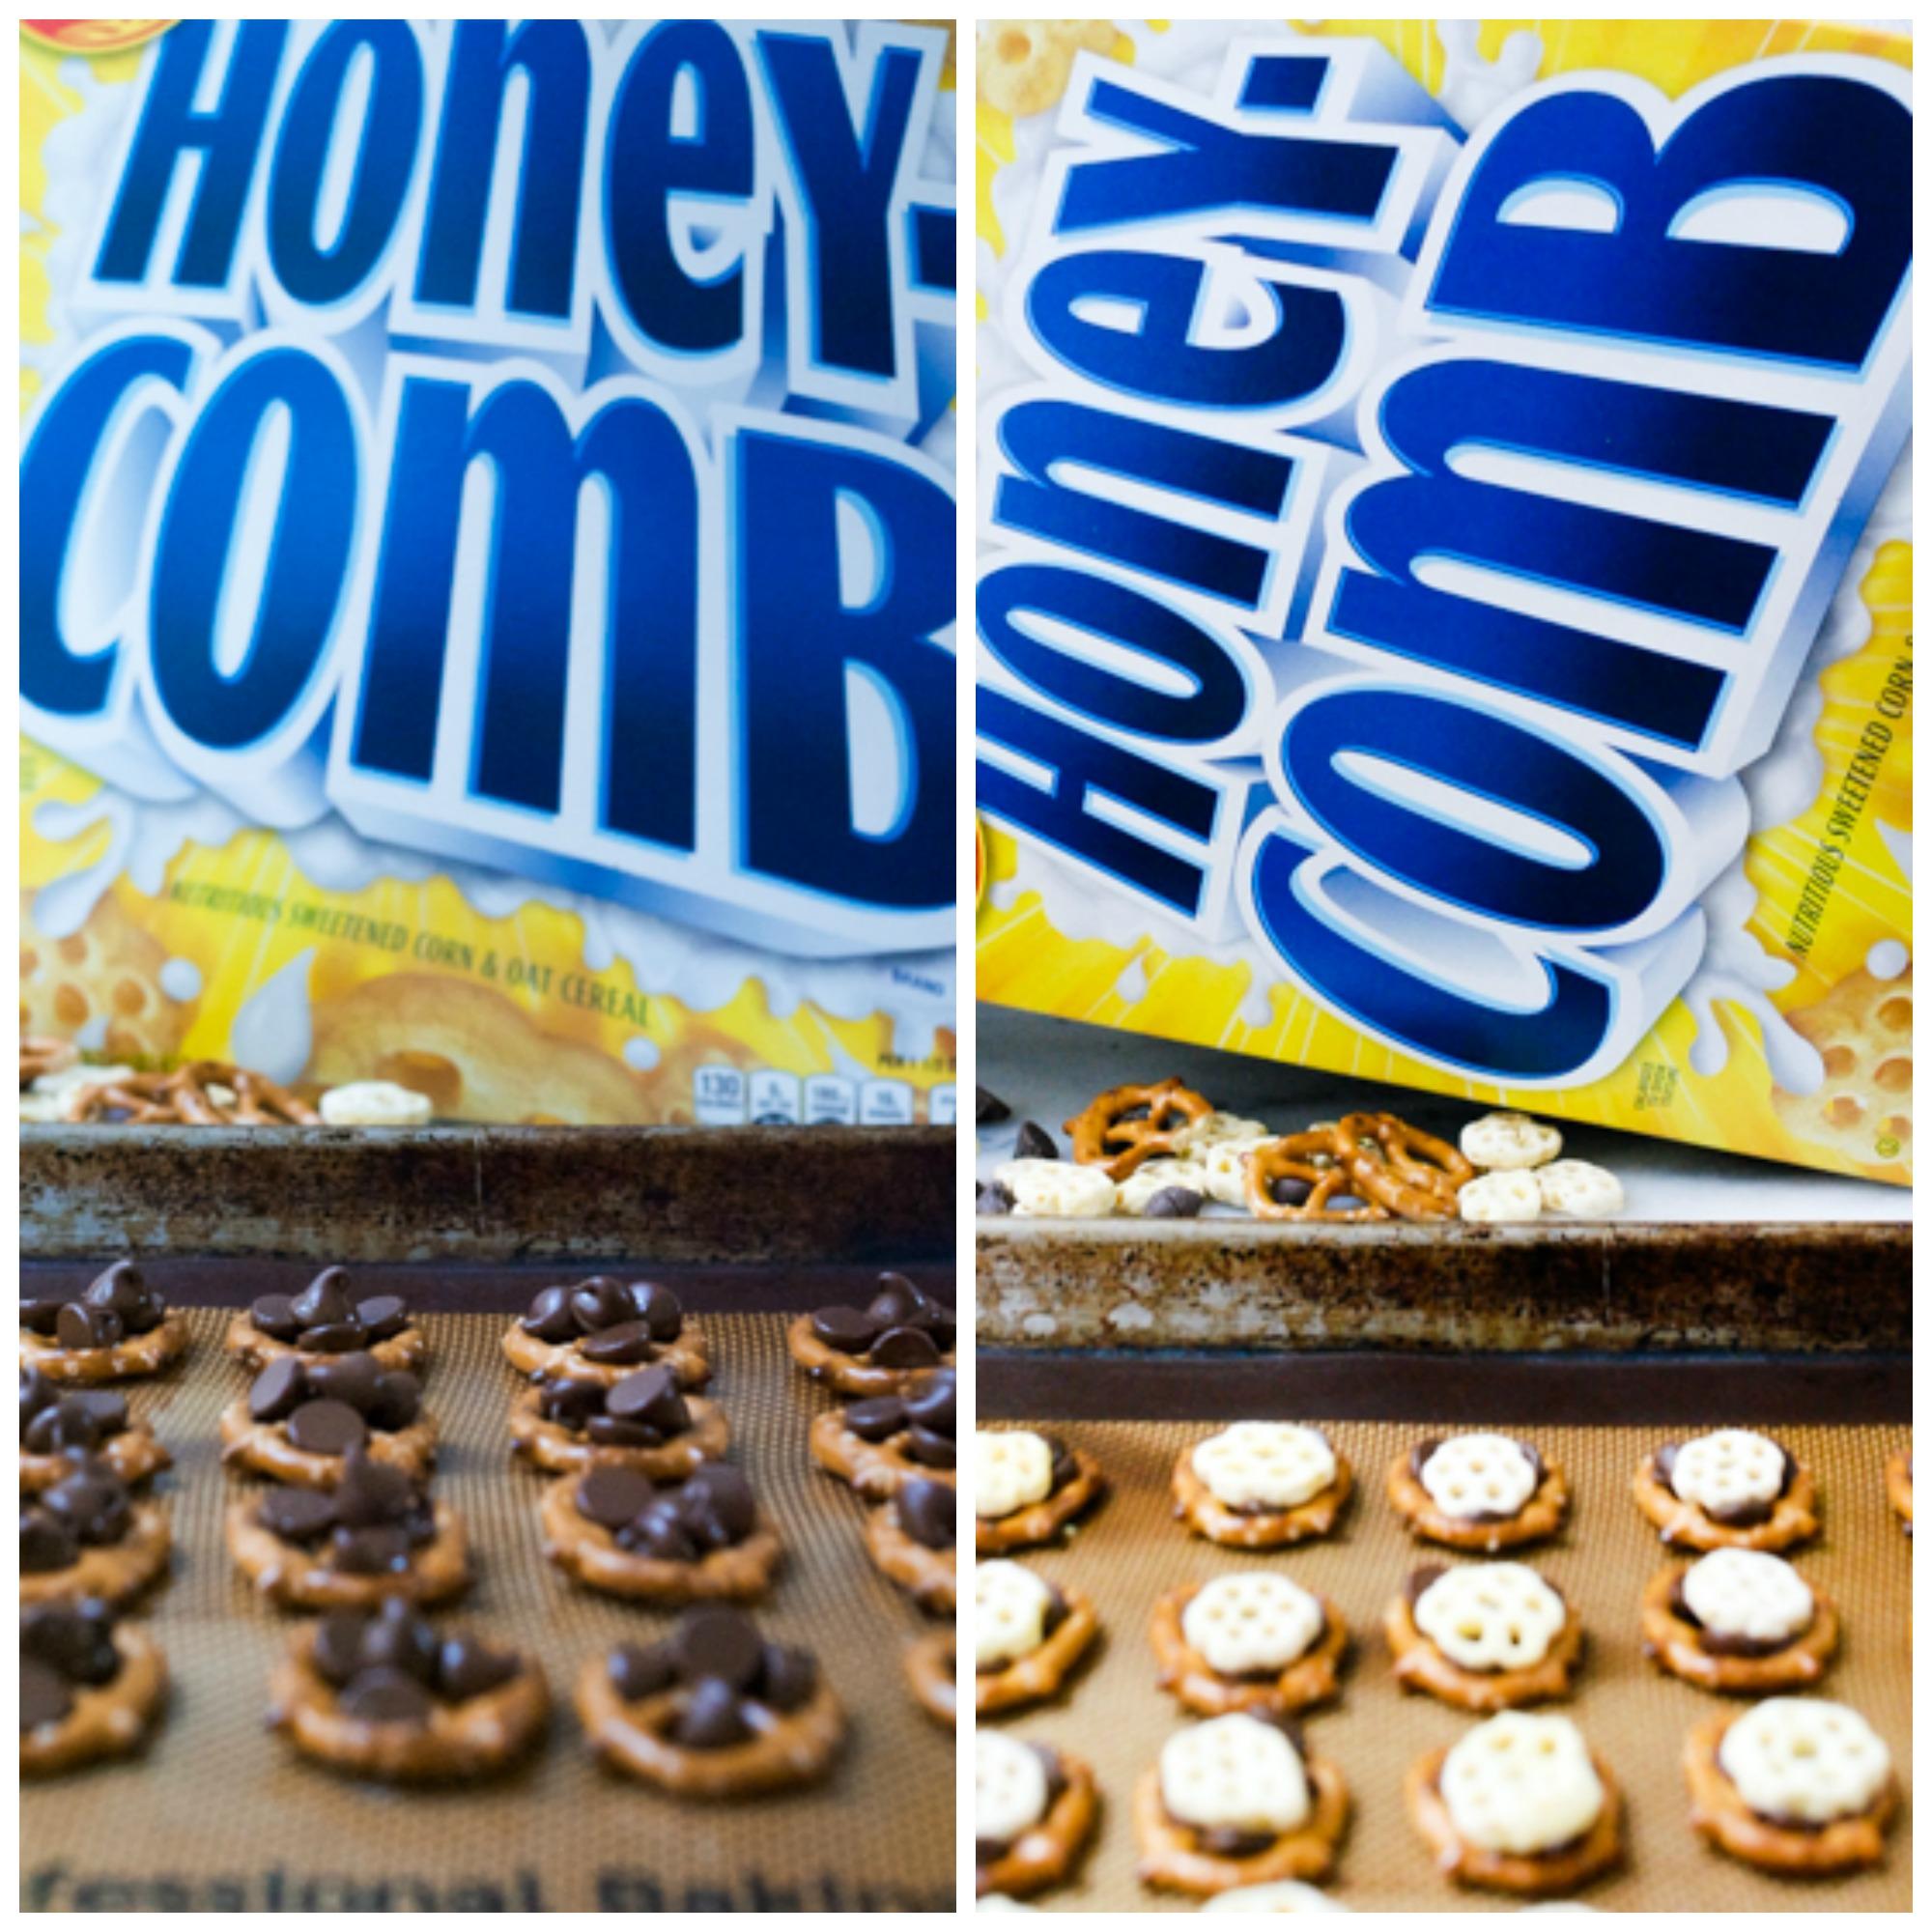 Honeycomb Pretzel Bites